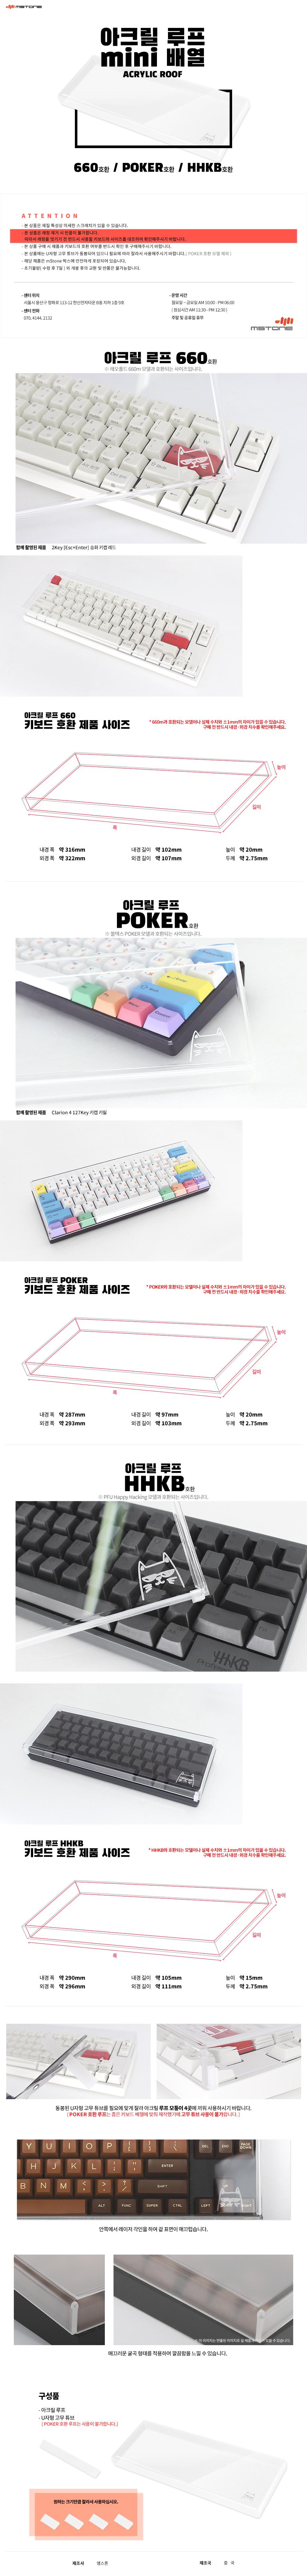 엠스톤글로벌 mStone 아크릴 ROOF 미니배열 (HHKB 호환)